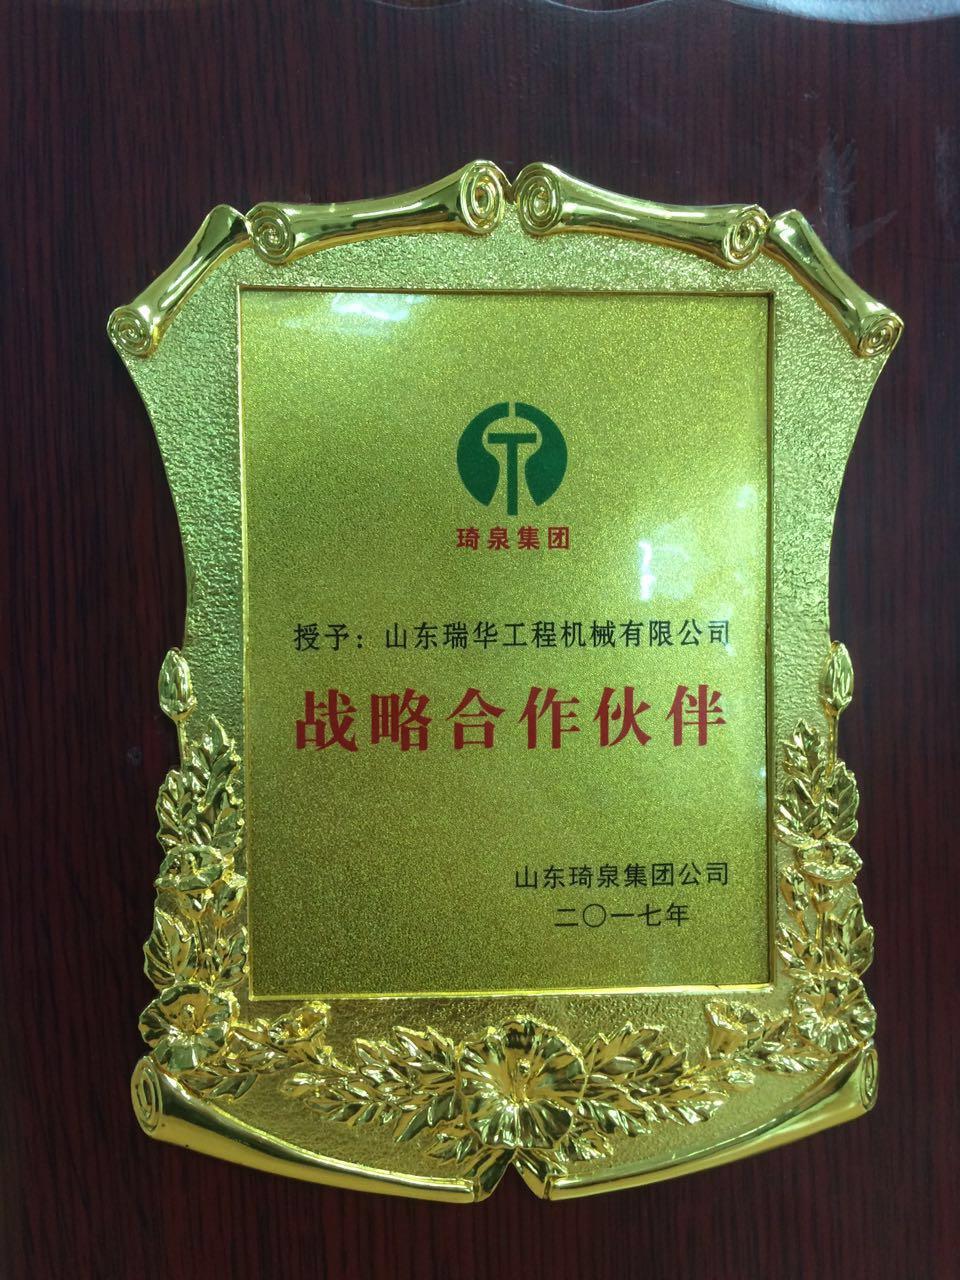 [山东瑞华]热烈祝贺山东瑞华与山东琦泉集团签约战略合作伙伴